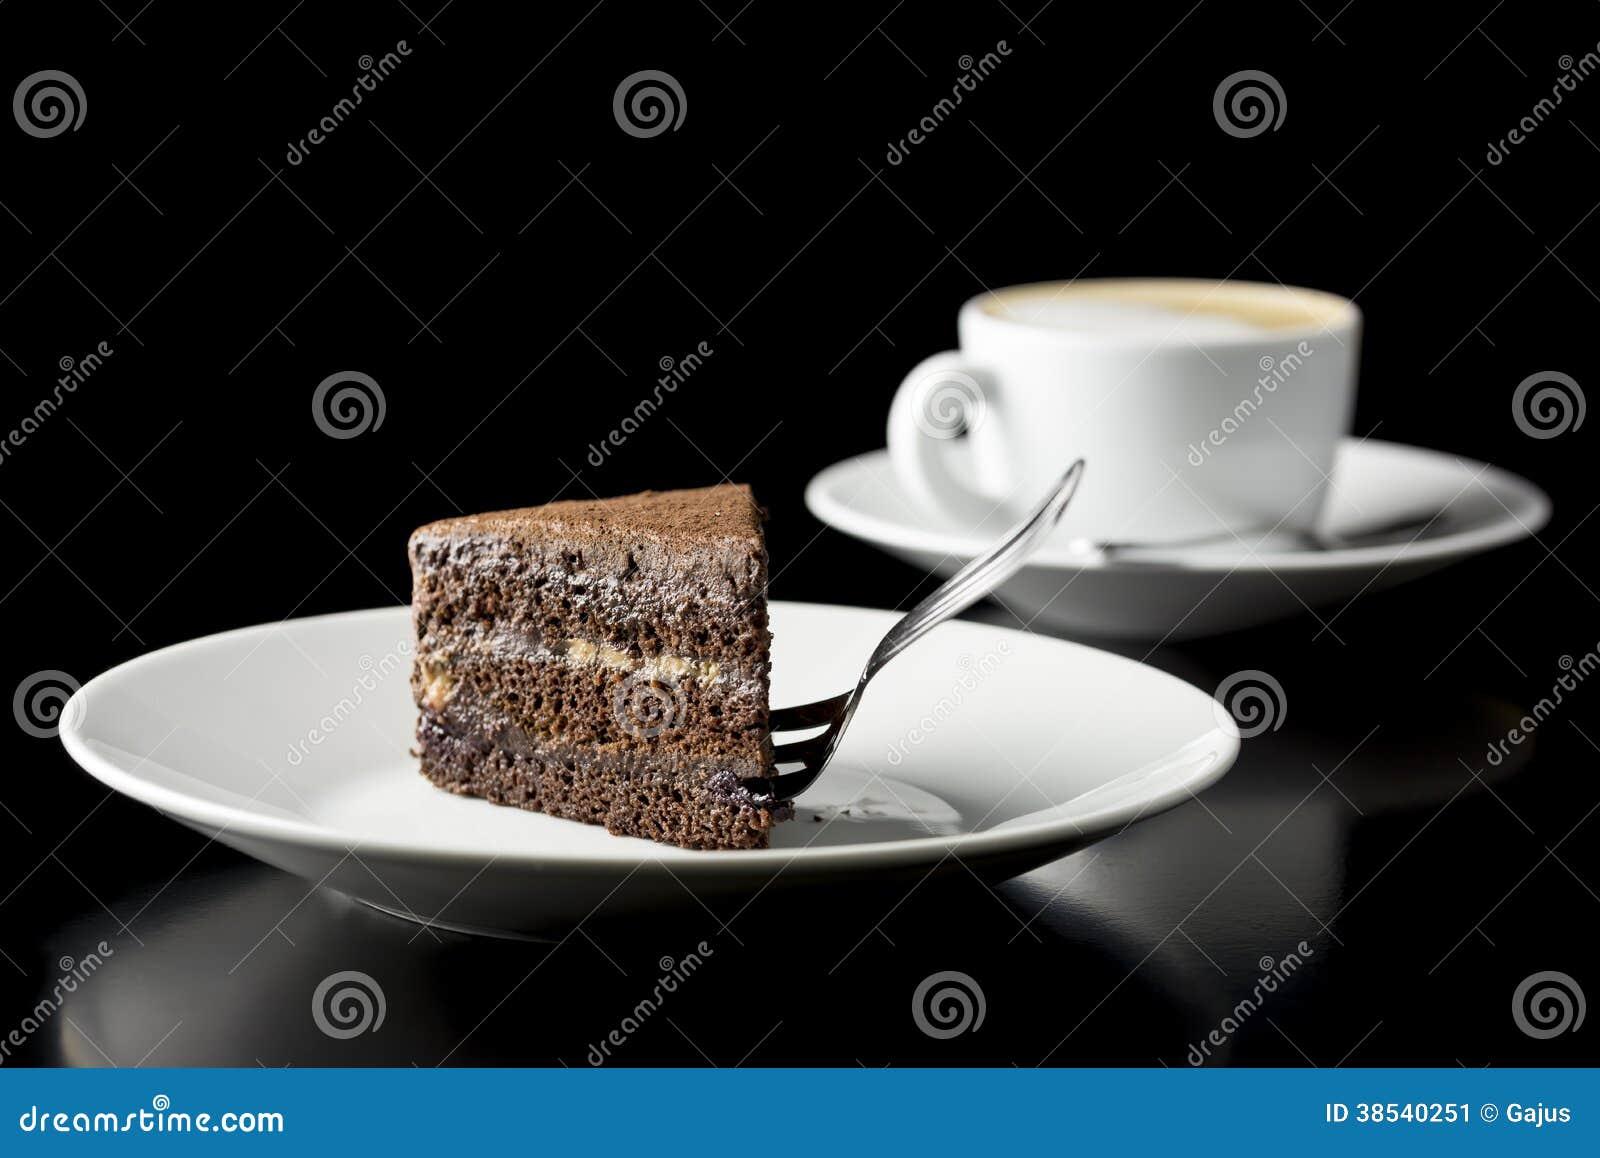 Plak van verse die chocoladecake met koffie wordt gediend